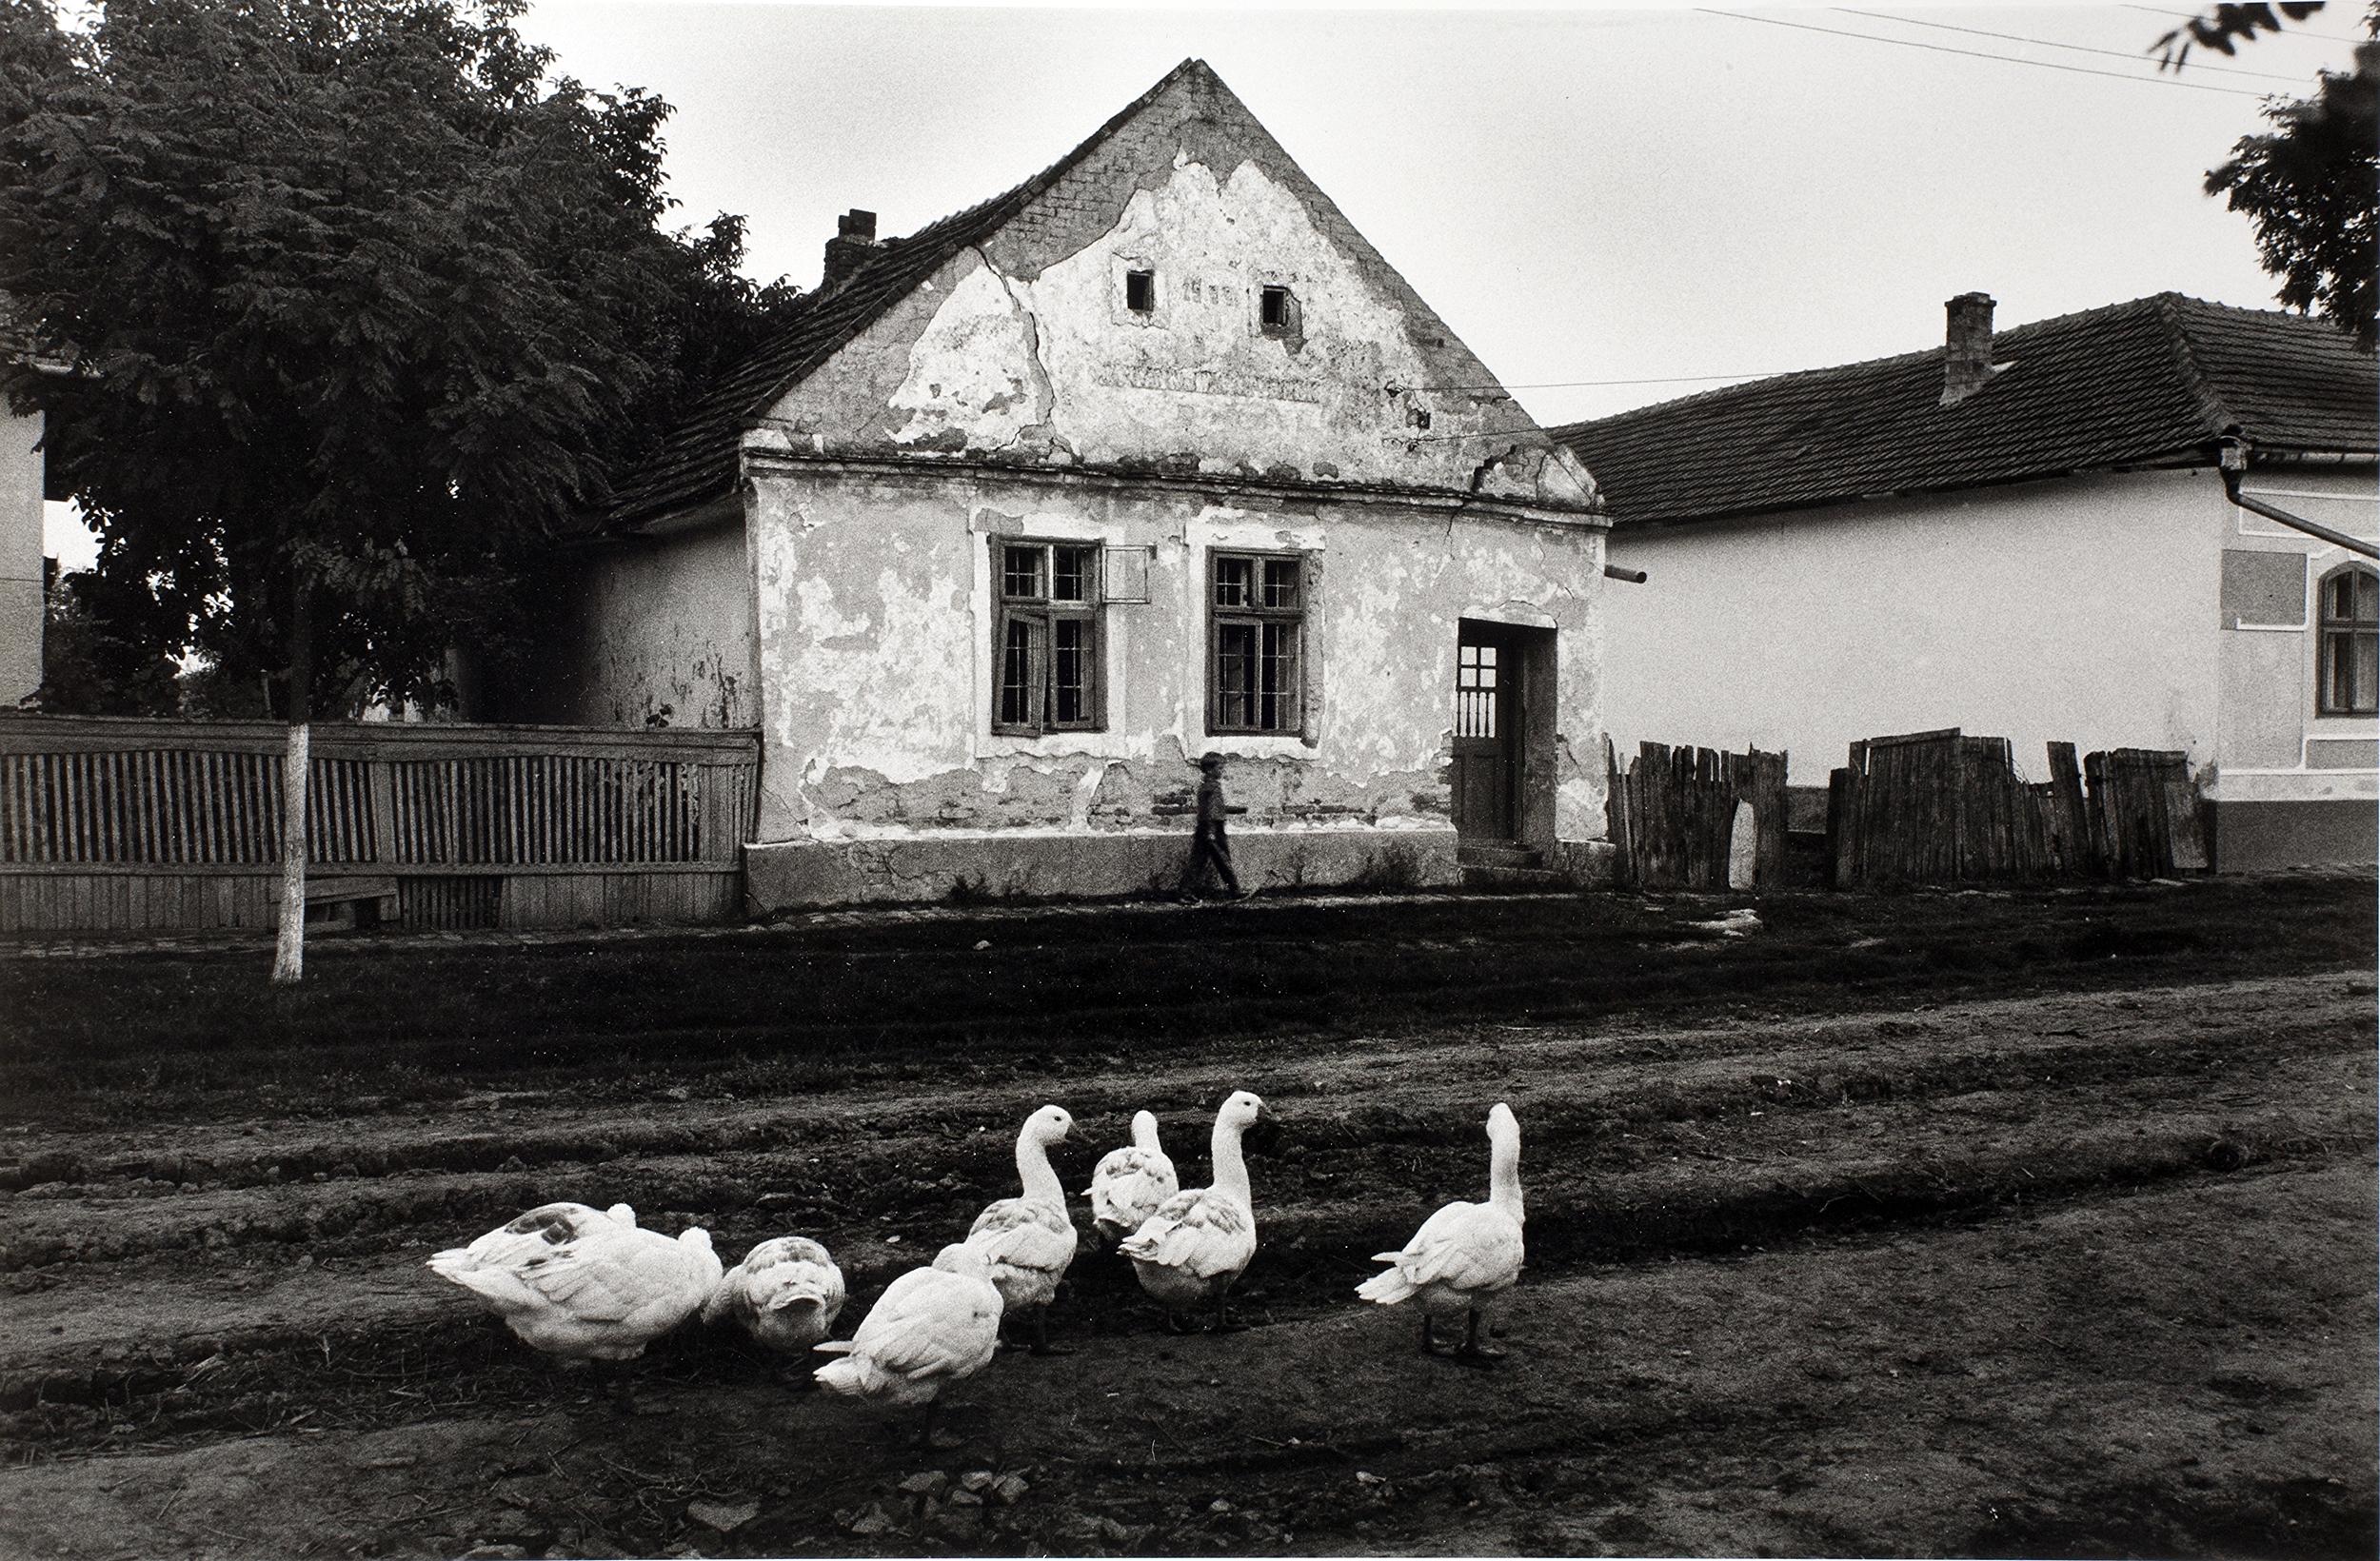 Banat,  near Timisoara, 1988